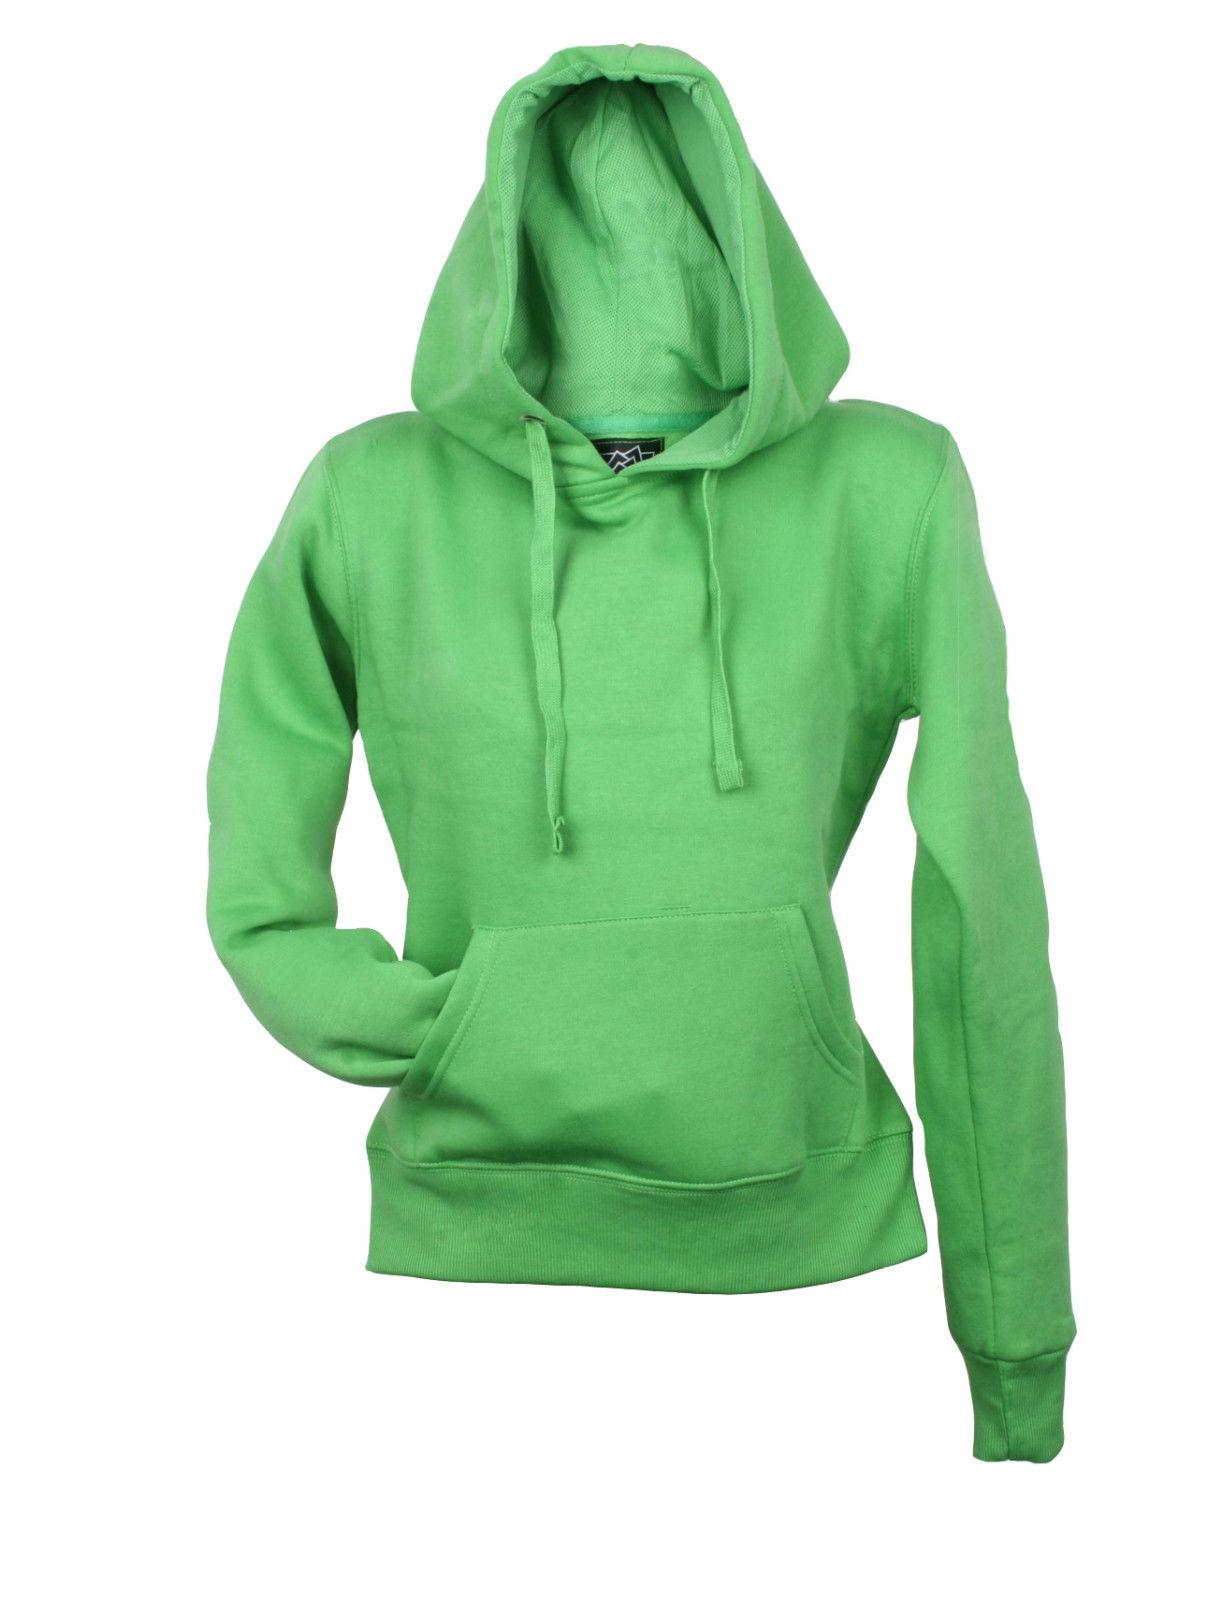 Solid Color Women Plain Hoodies - Buy Plain Hoodies,Cheap Plain ...